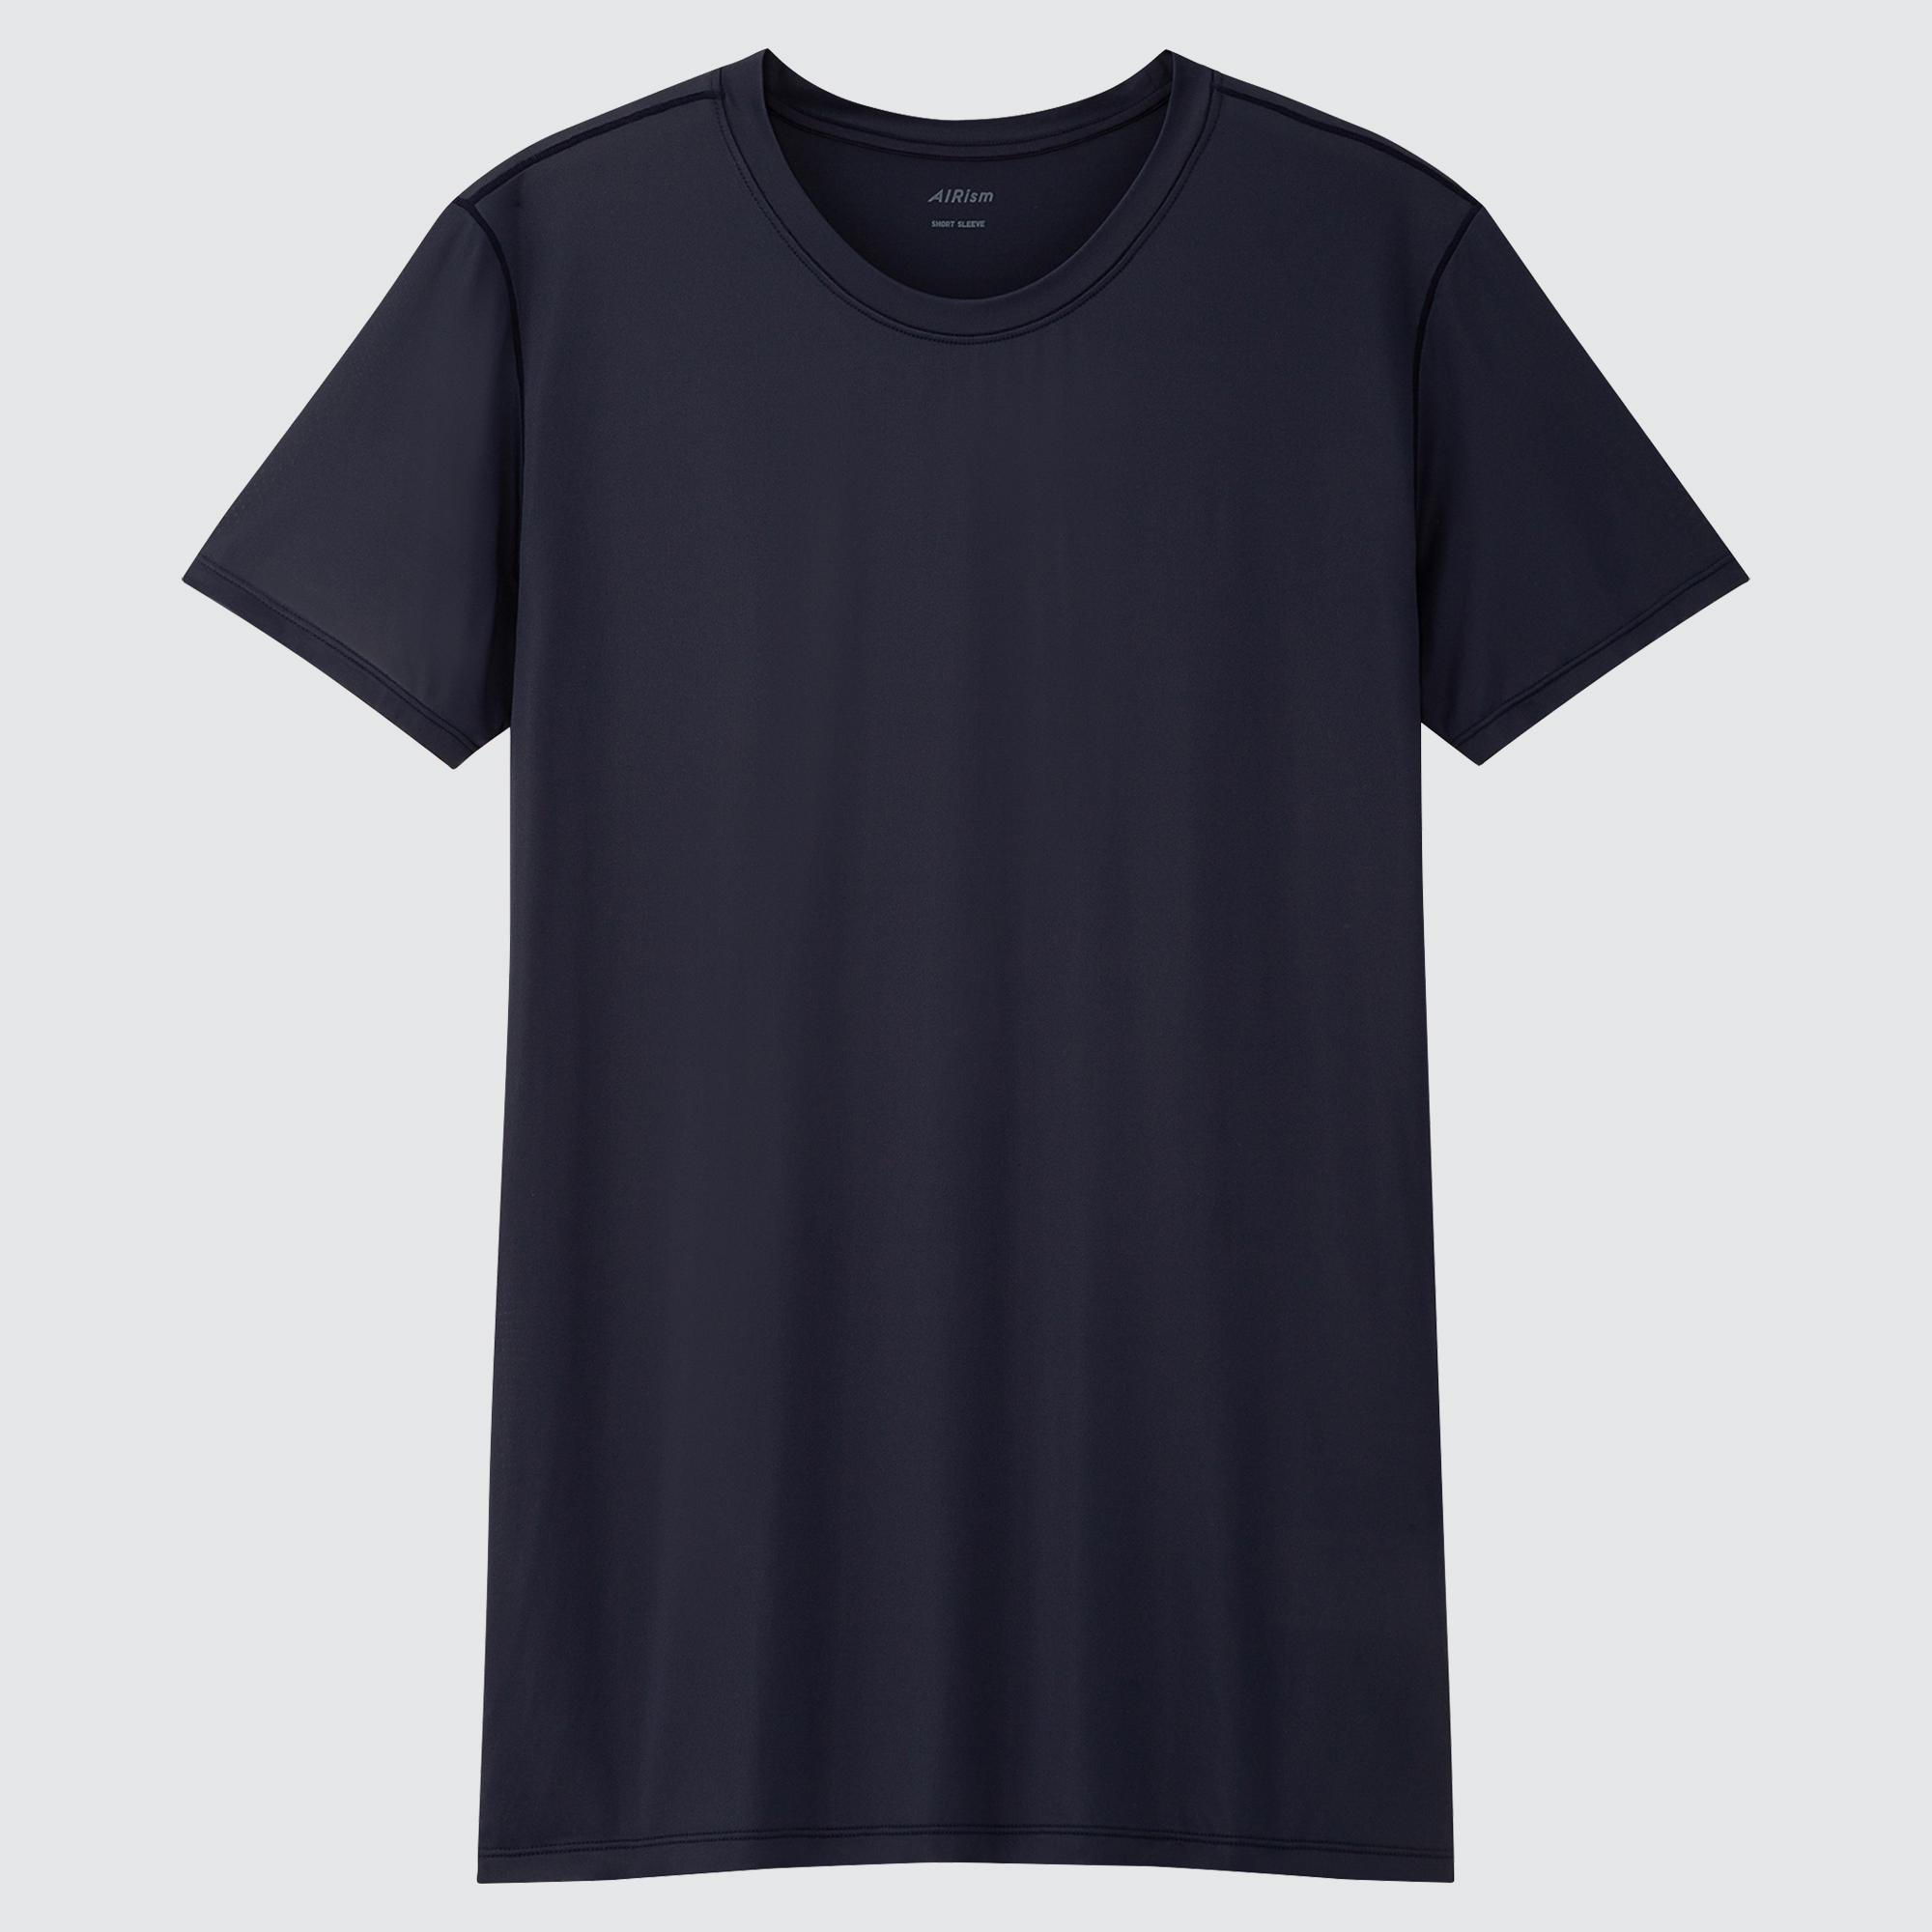 MEN AIRism CREW NECK SHORT-SLEEVE T-SHIRT : Color - 09 Black, Size - XL (434169)